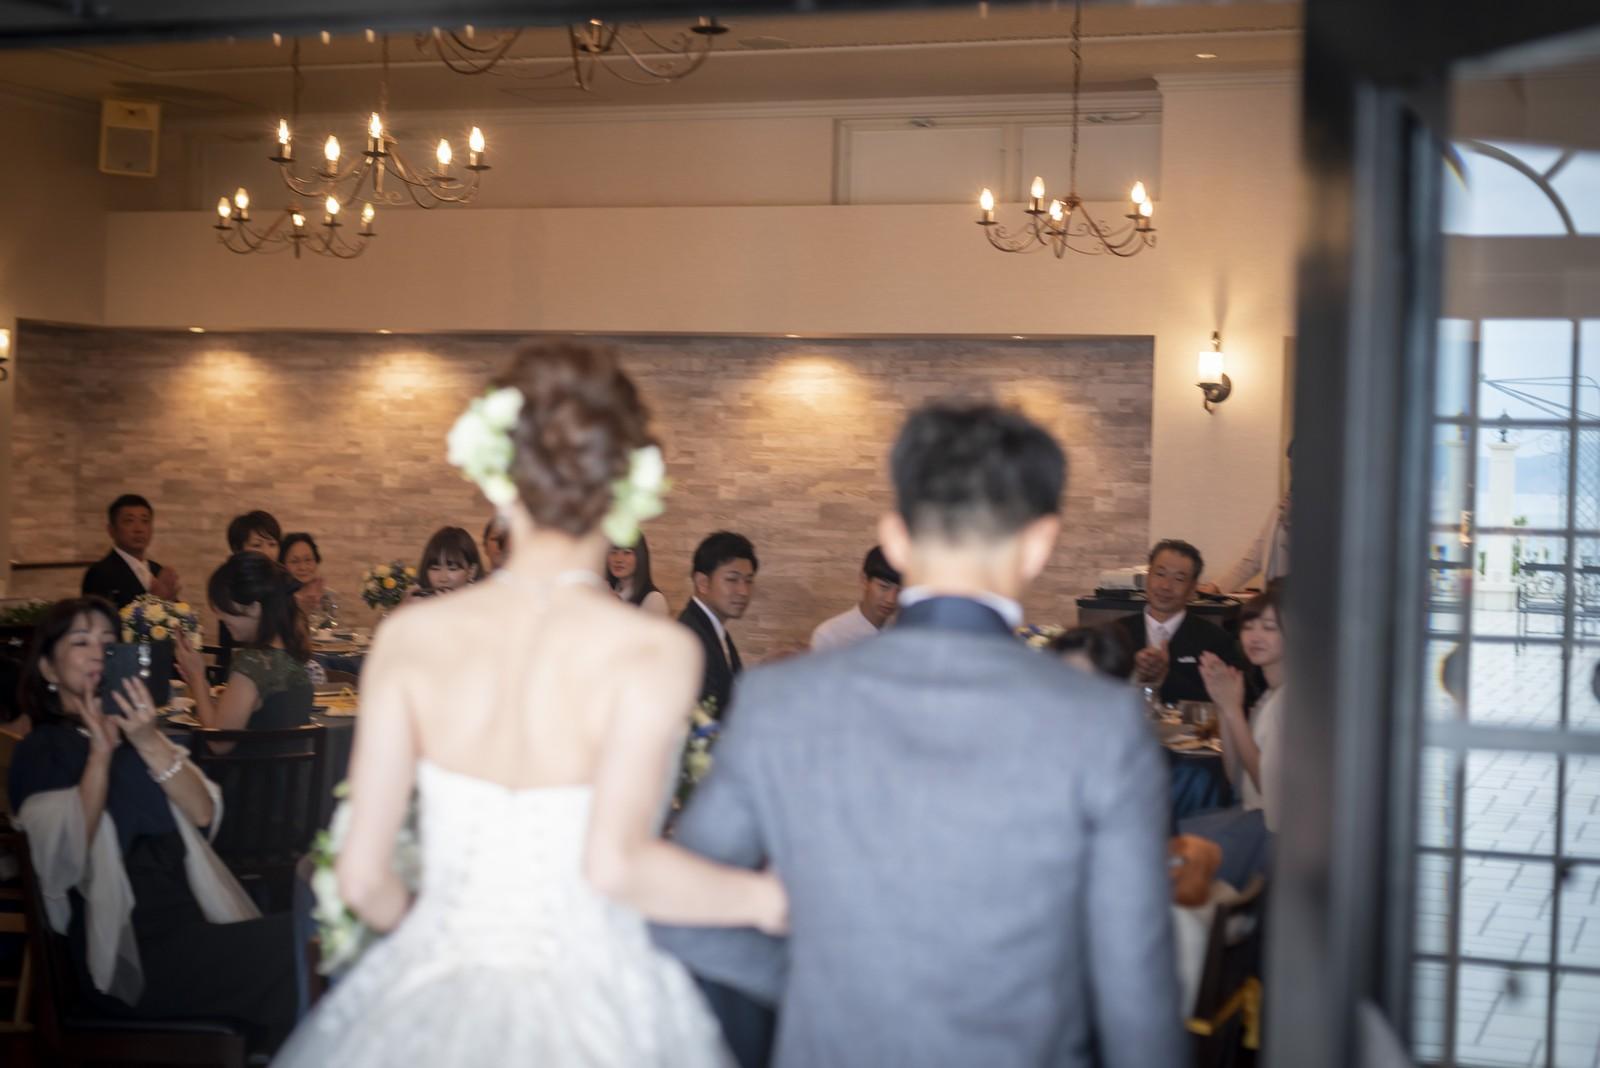 香川県の結婚式場シェルエメール&アイスタイルの入場